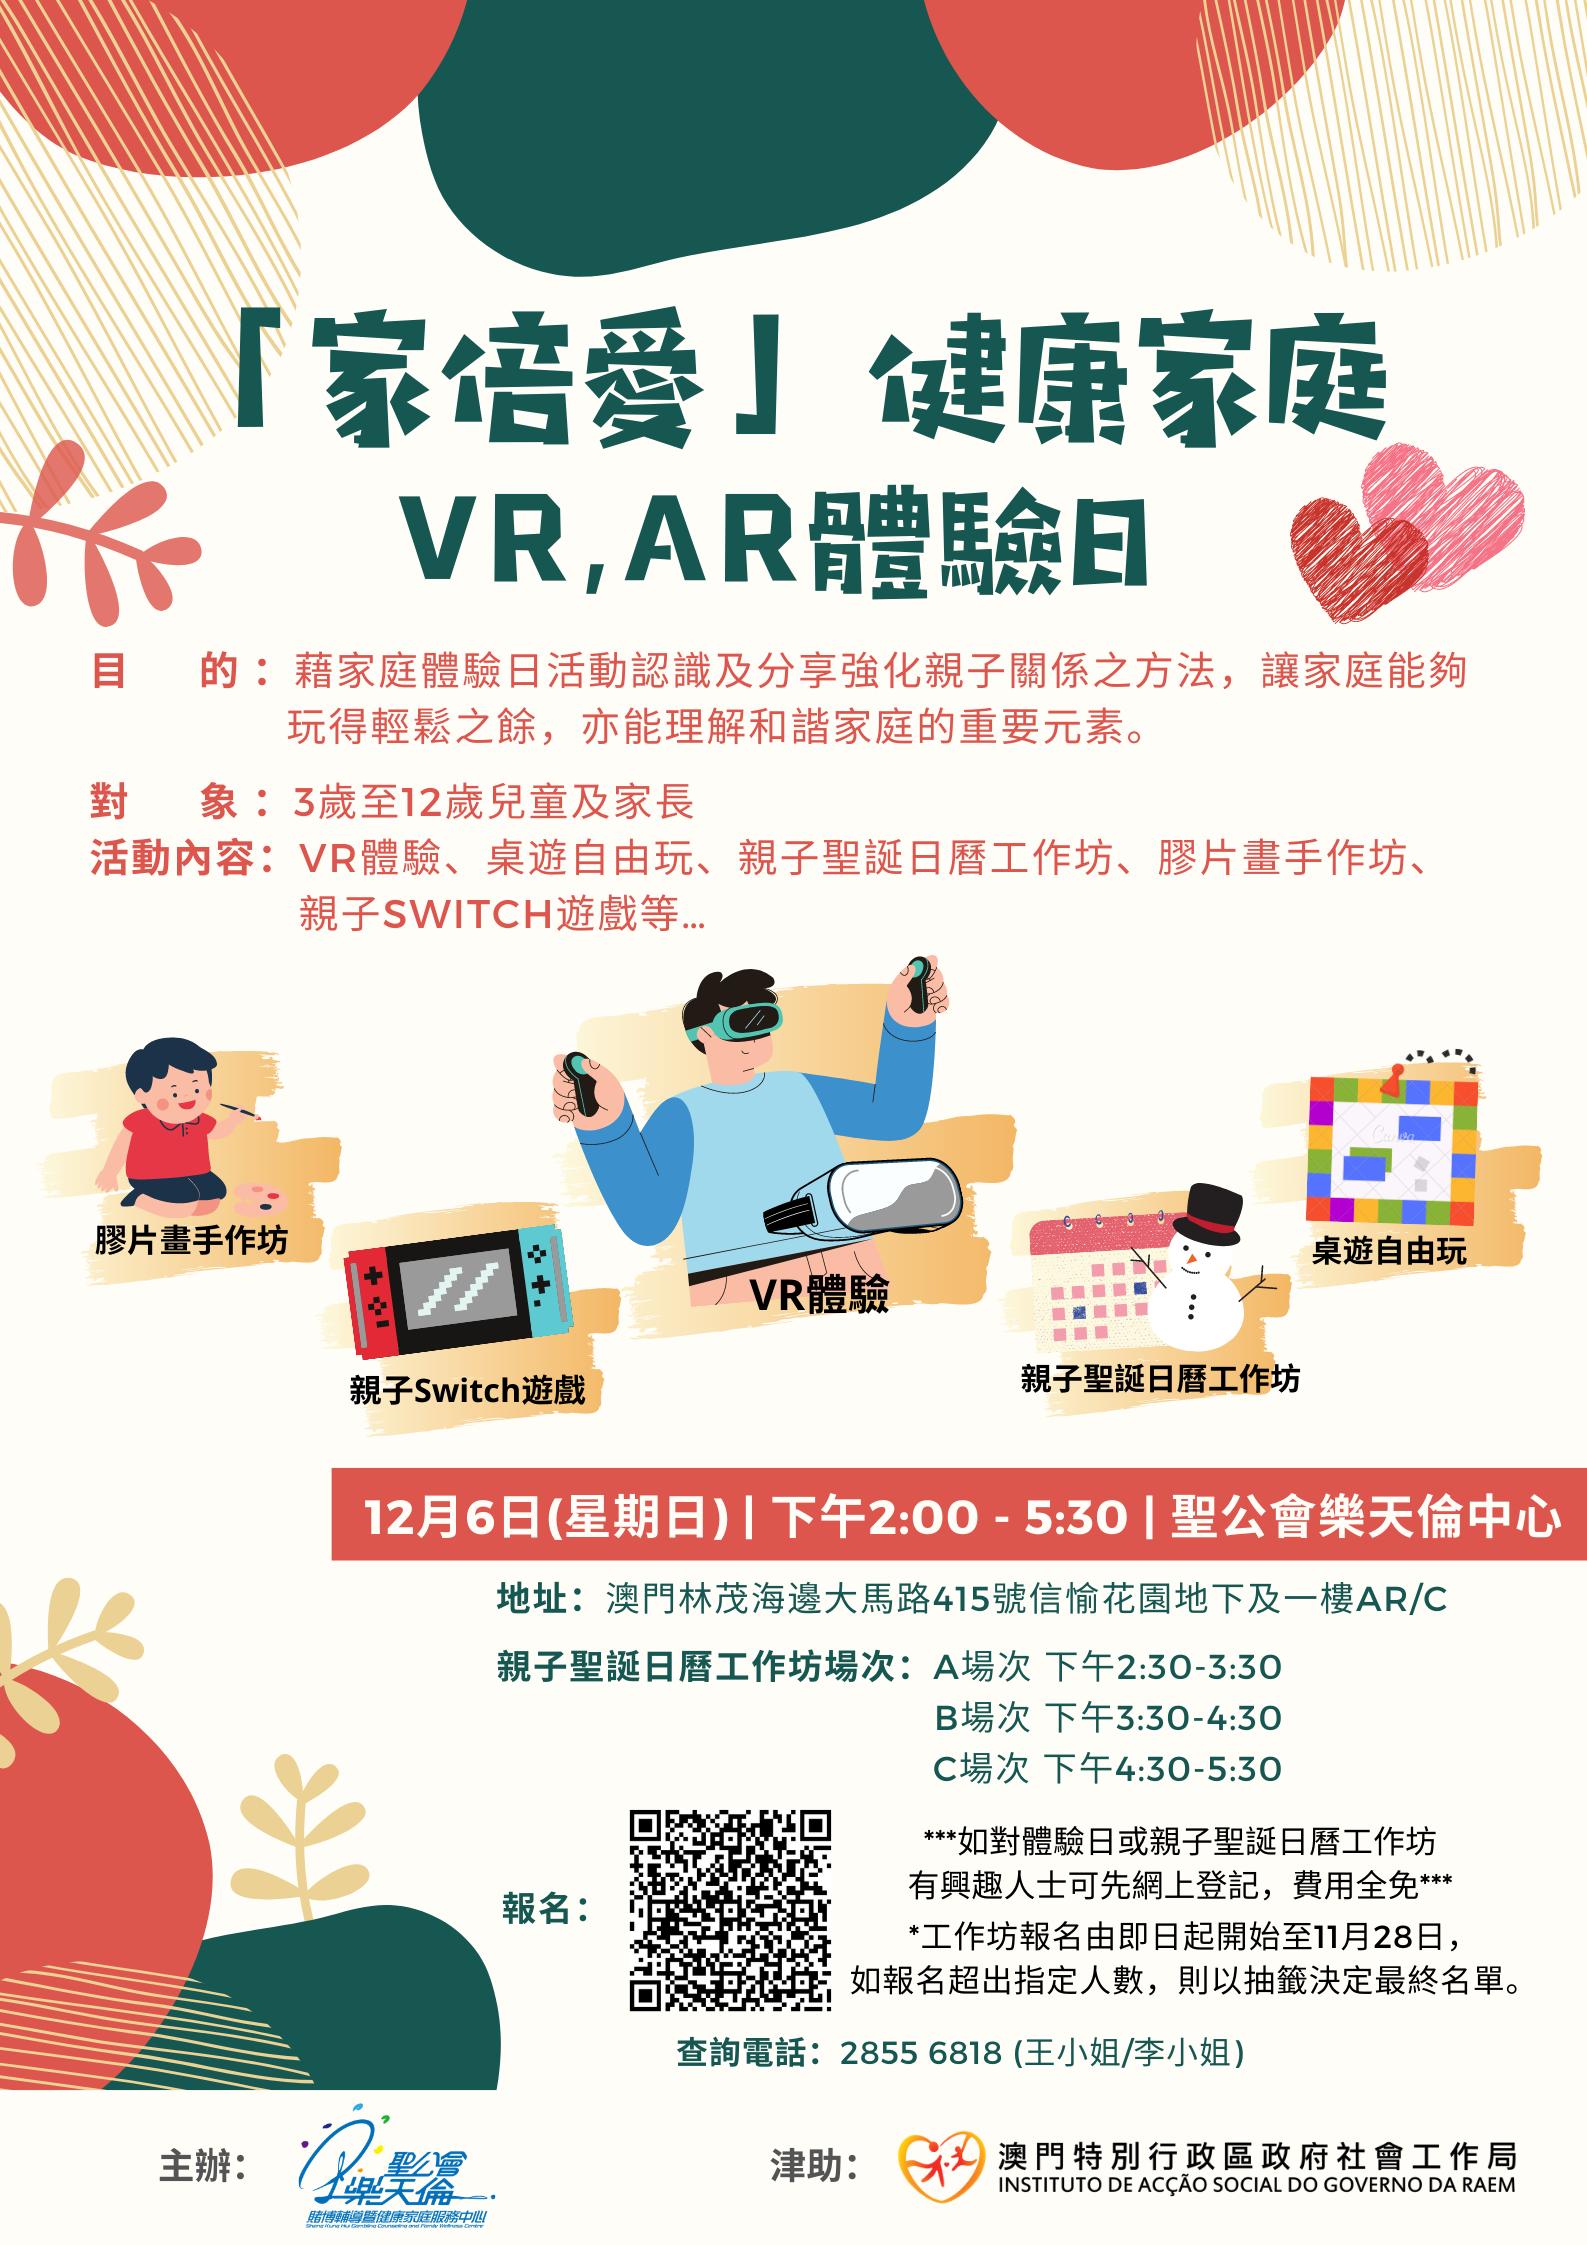 「家倍愛」健康家庭VR,AR體驗日